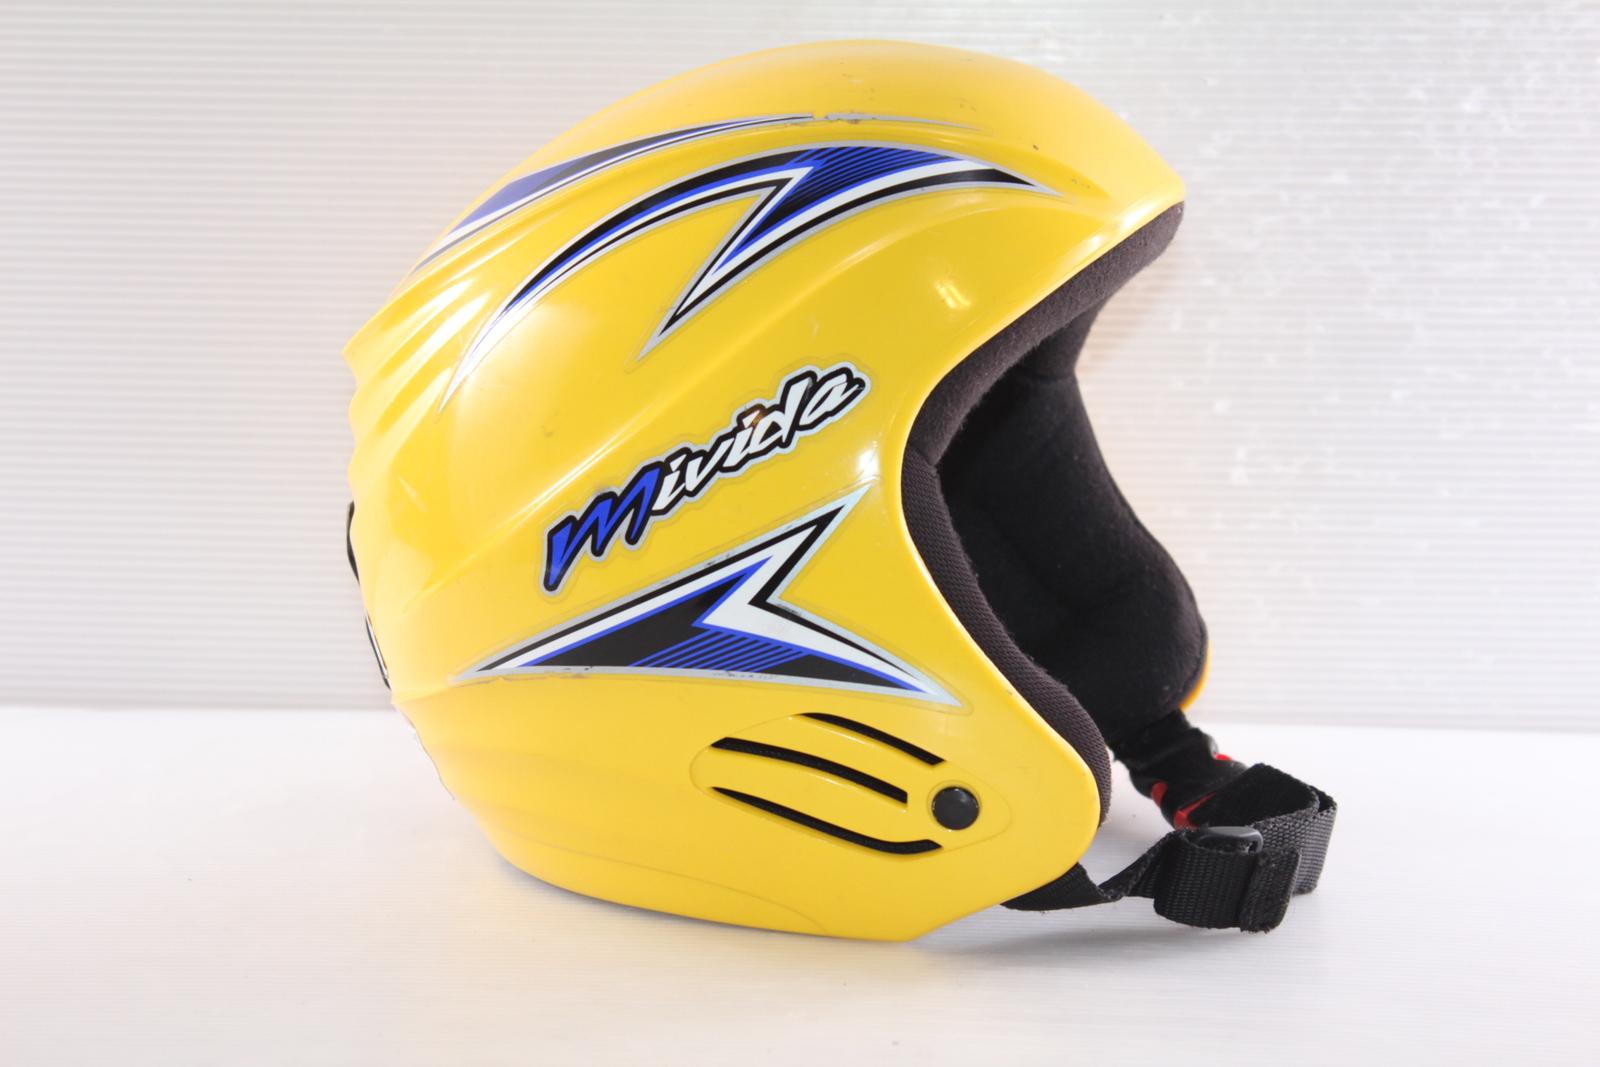 Lyžařská helma Mivida  - posuvná vel. 52 - 56